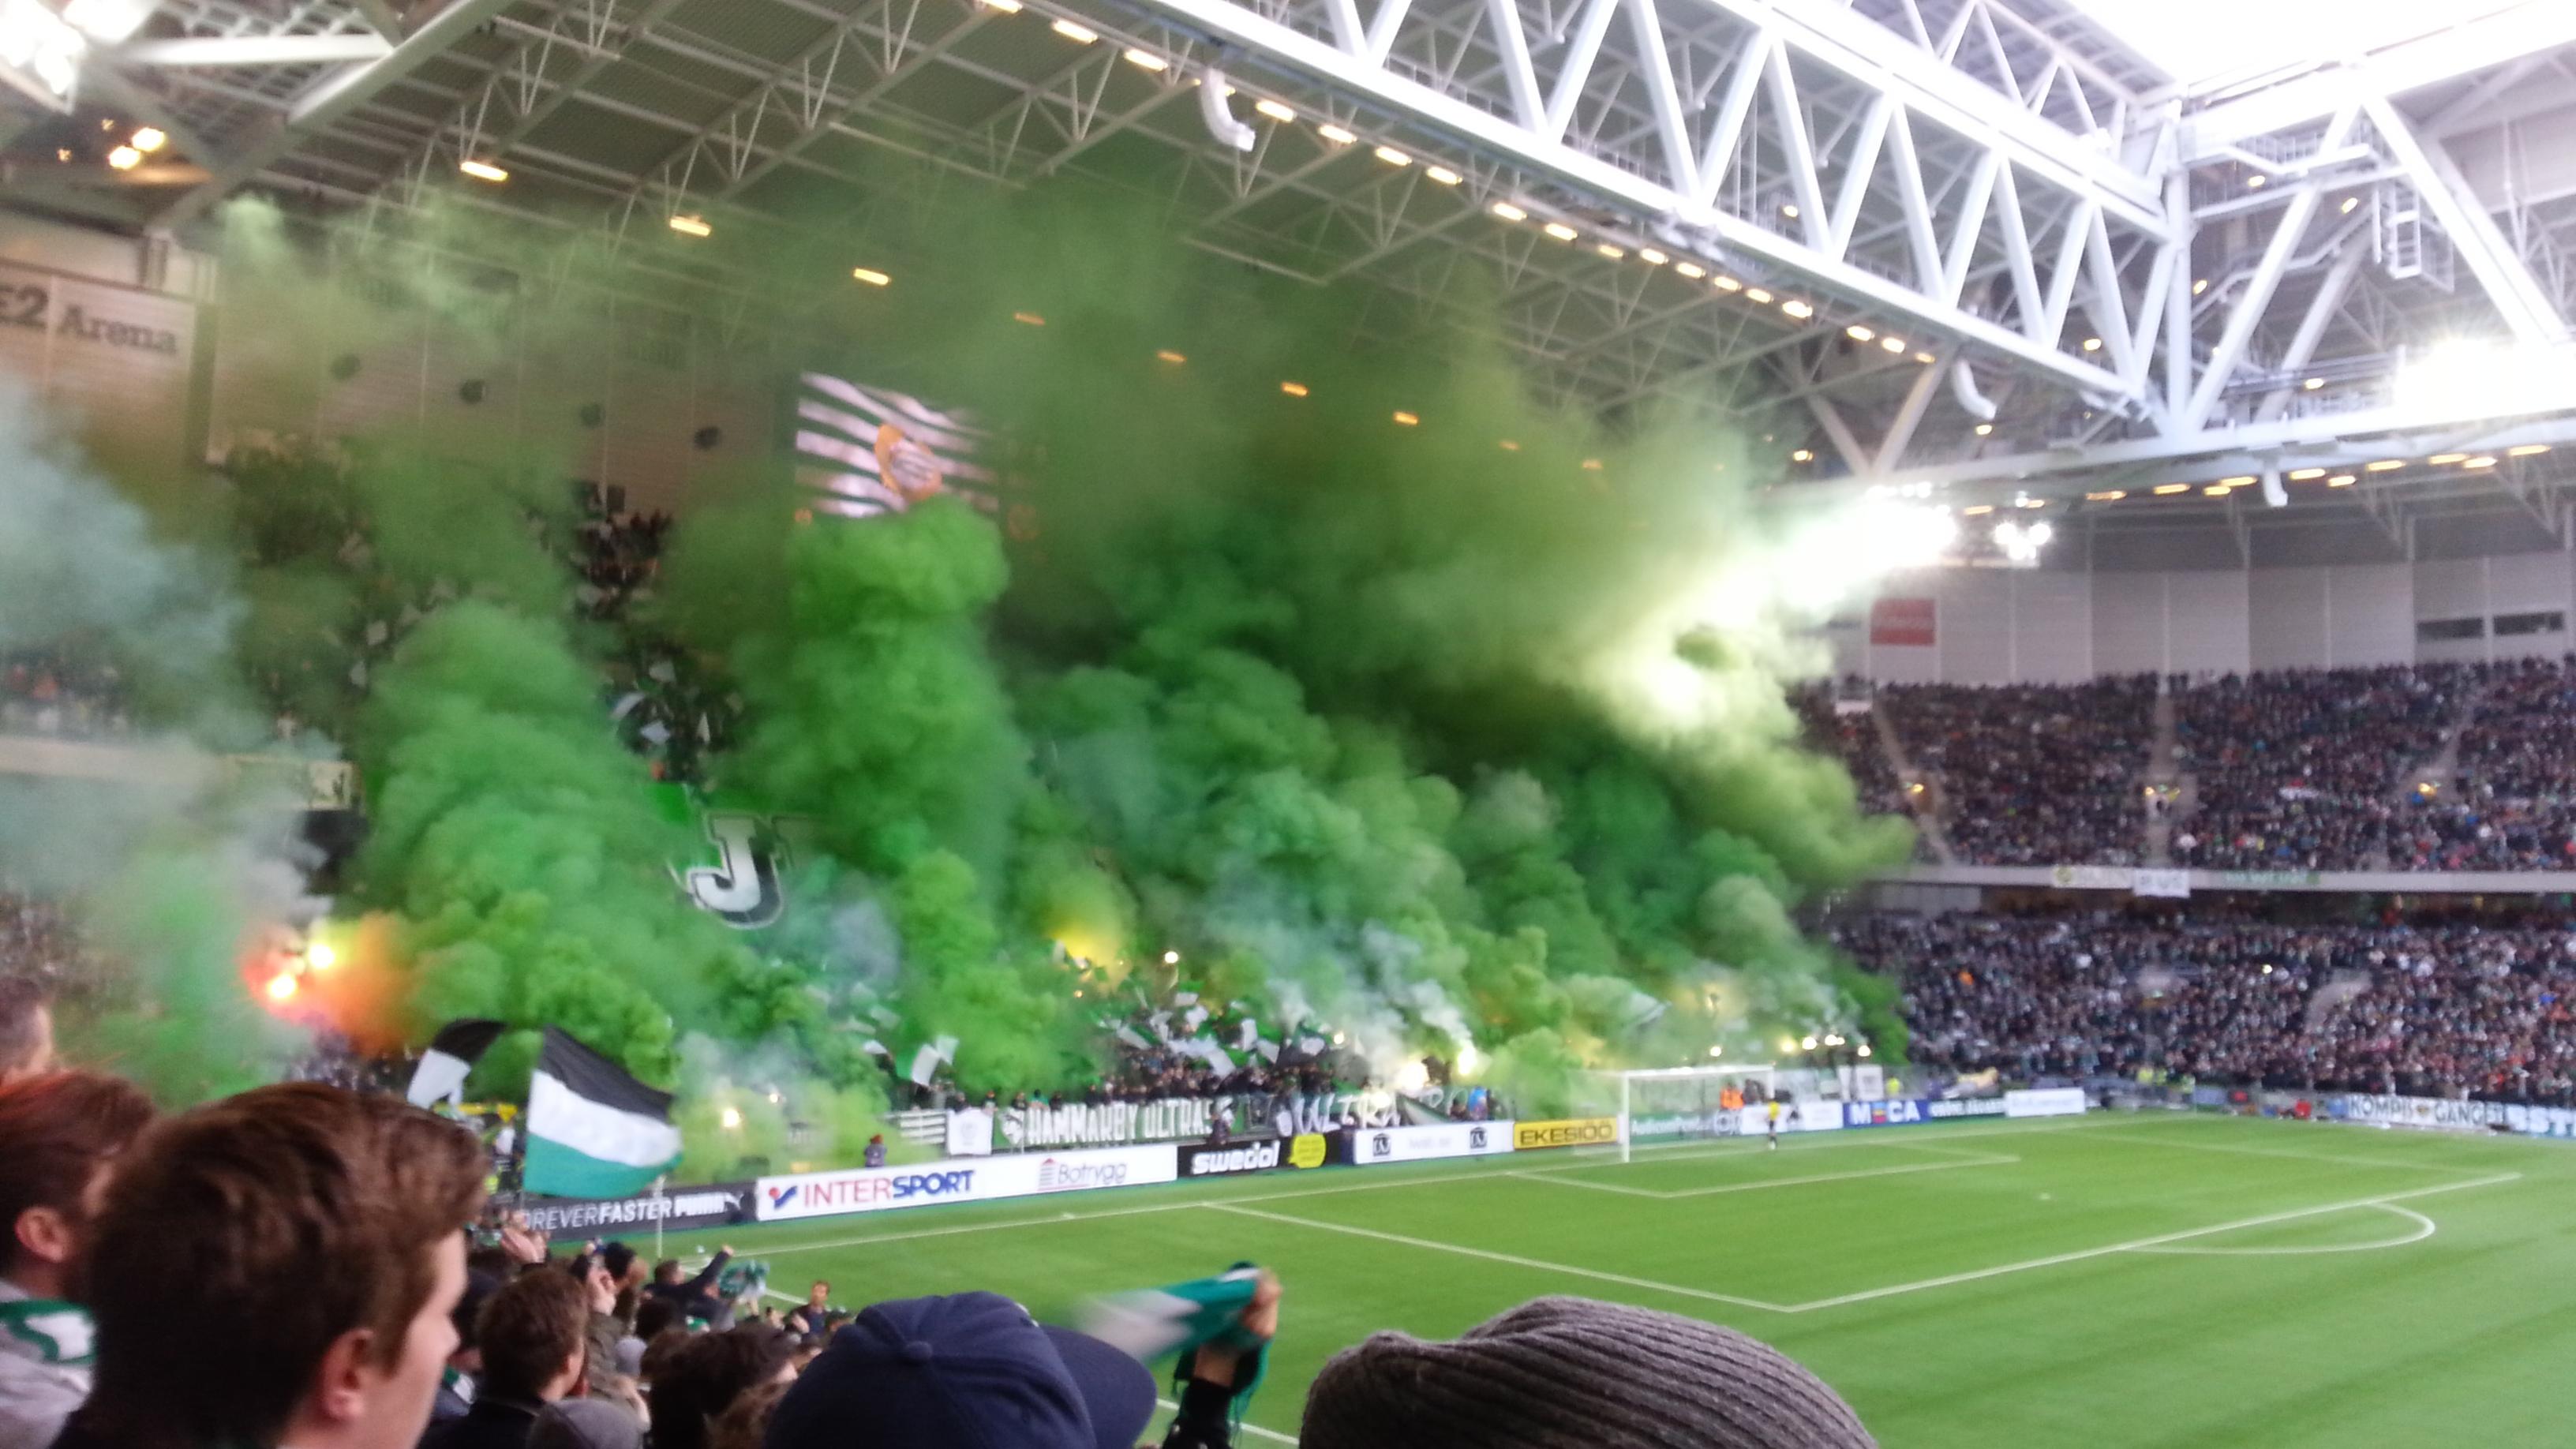 Stockholm Derby